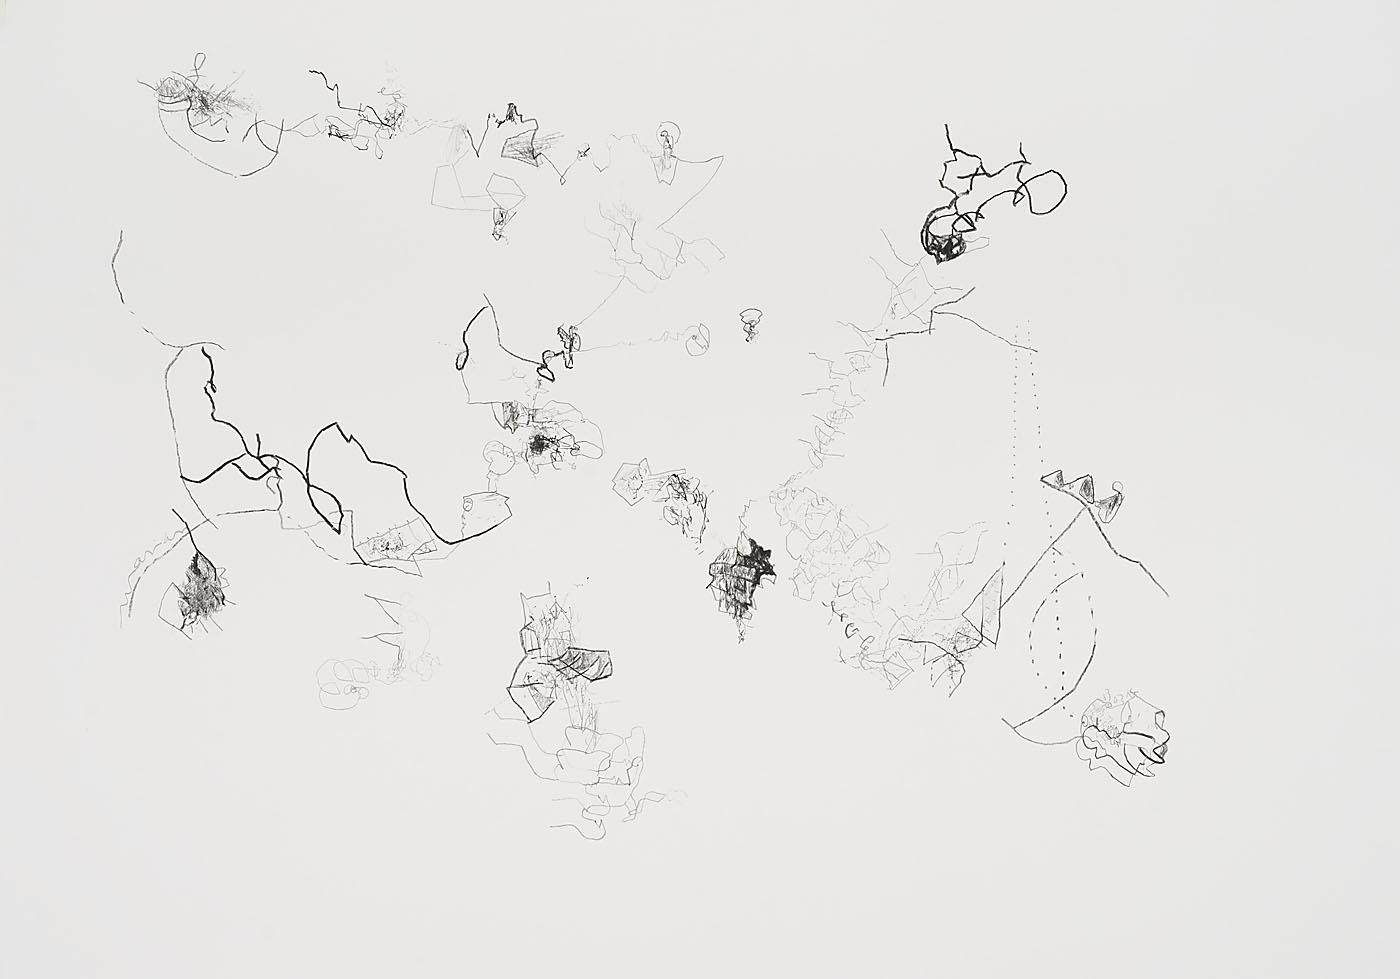 Seismografische Kompositionen 13 03 14 / Bleistift auf Papier / 59,4 x 84,1 cm